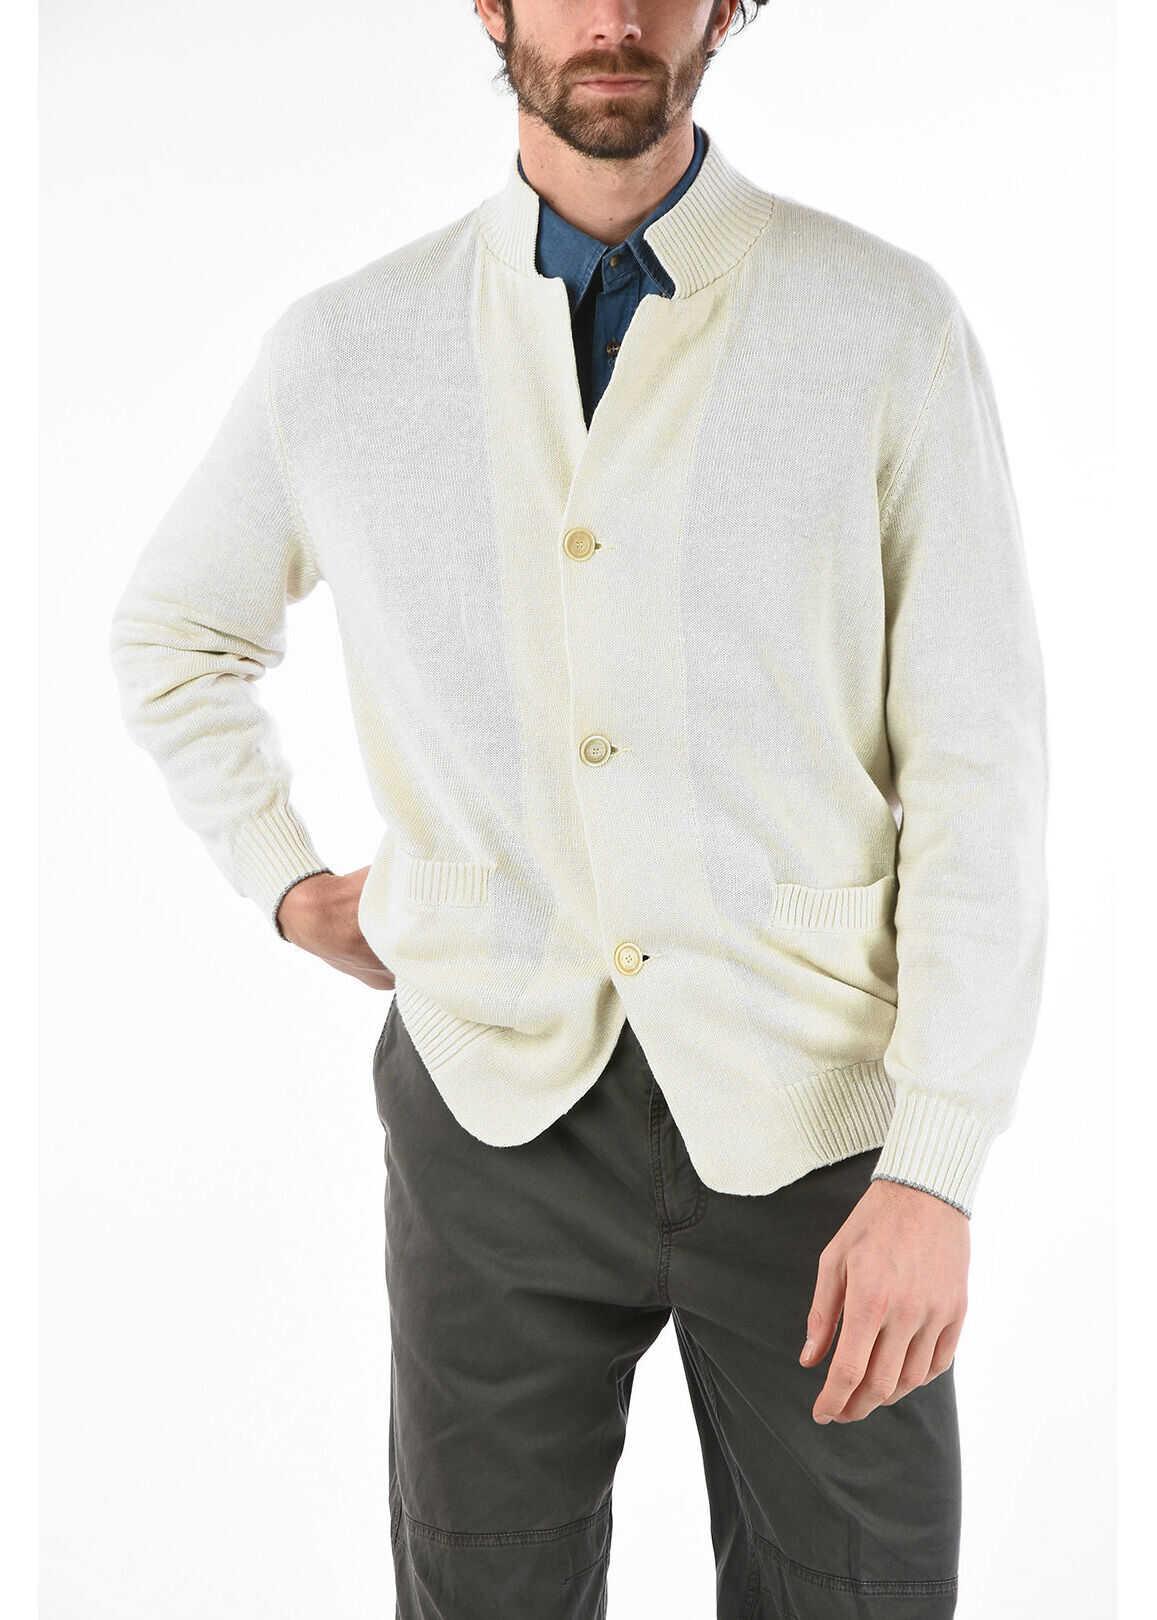 Brunello Cucinelli Linen and Cotton 3-Button Cardigan WHITE imagine